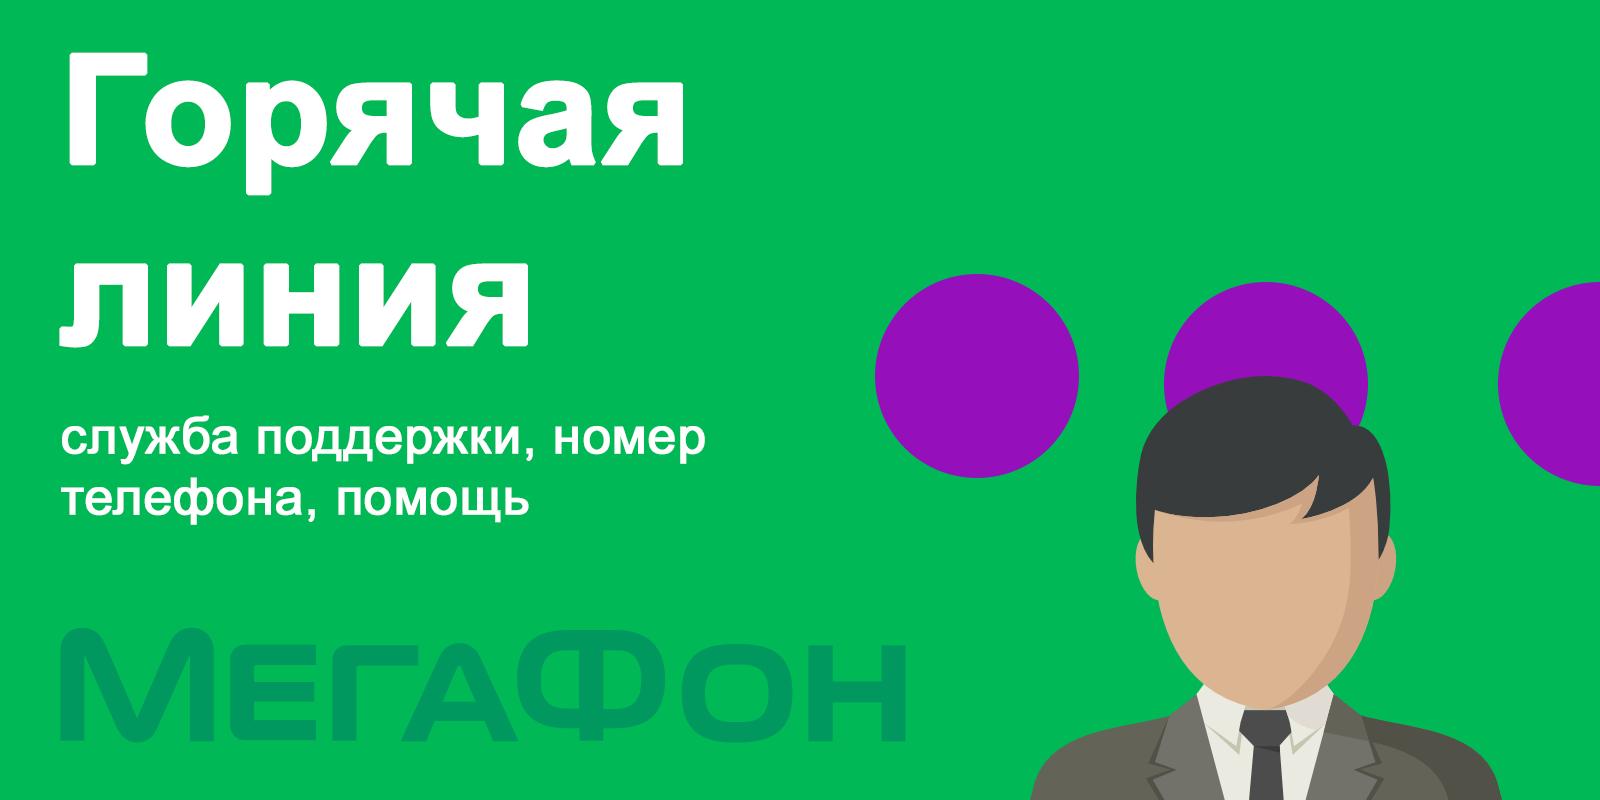 Киров мегафон телефон техподдержки